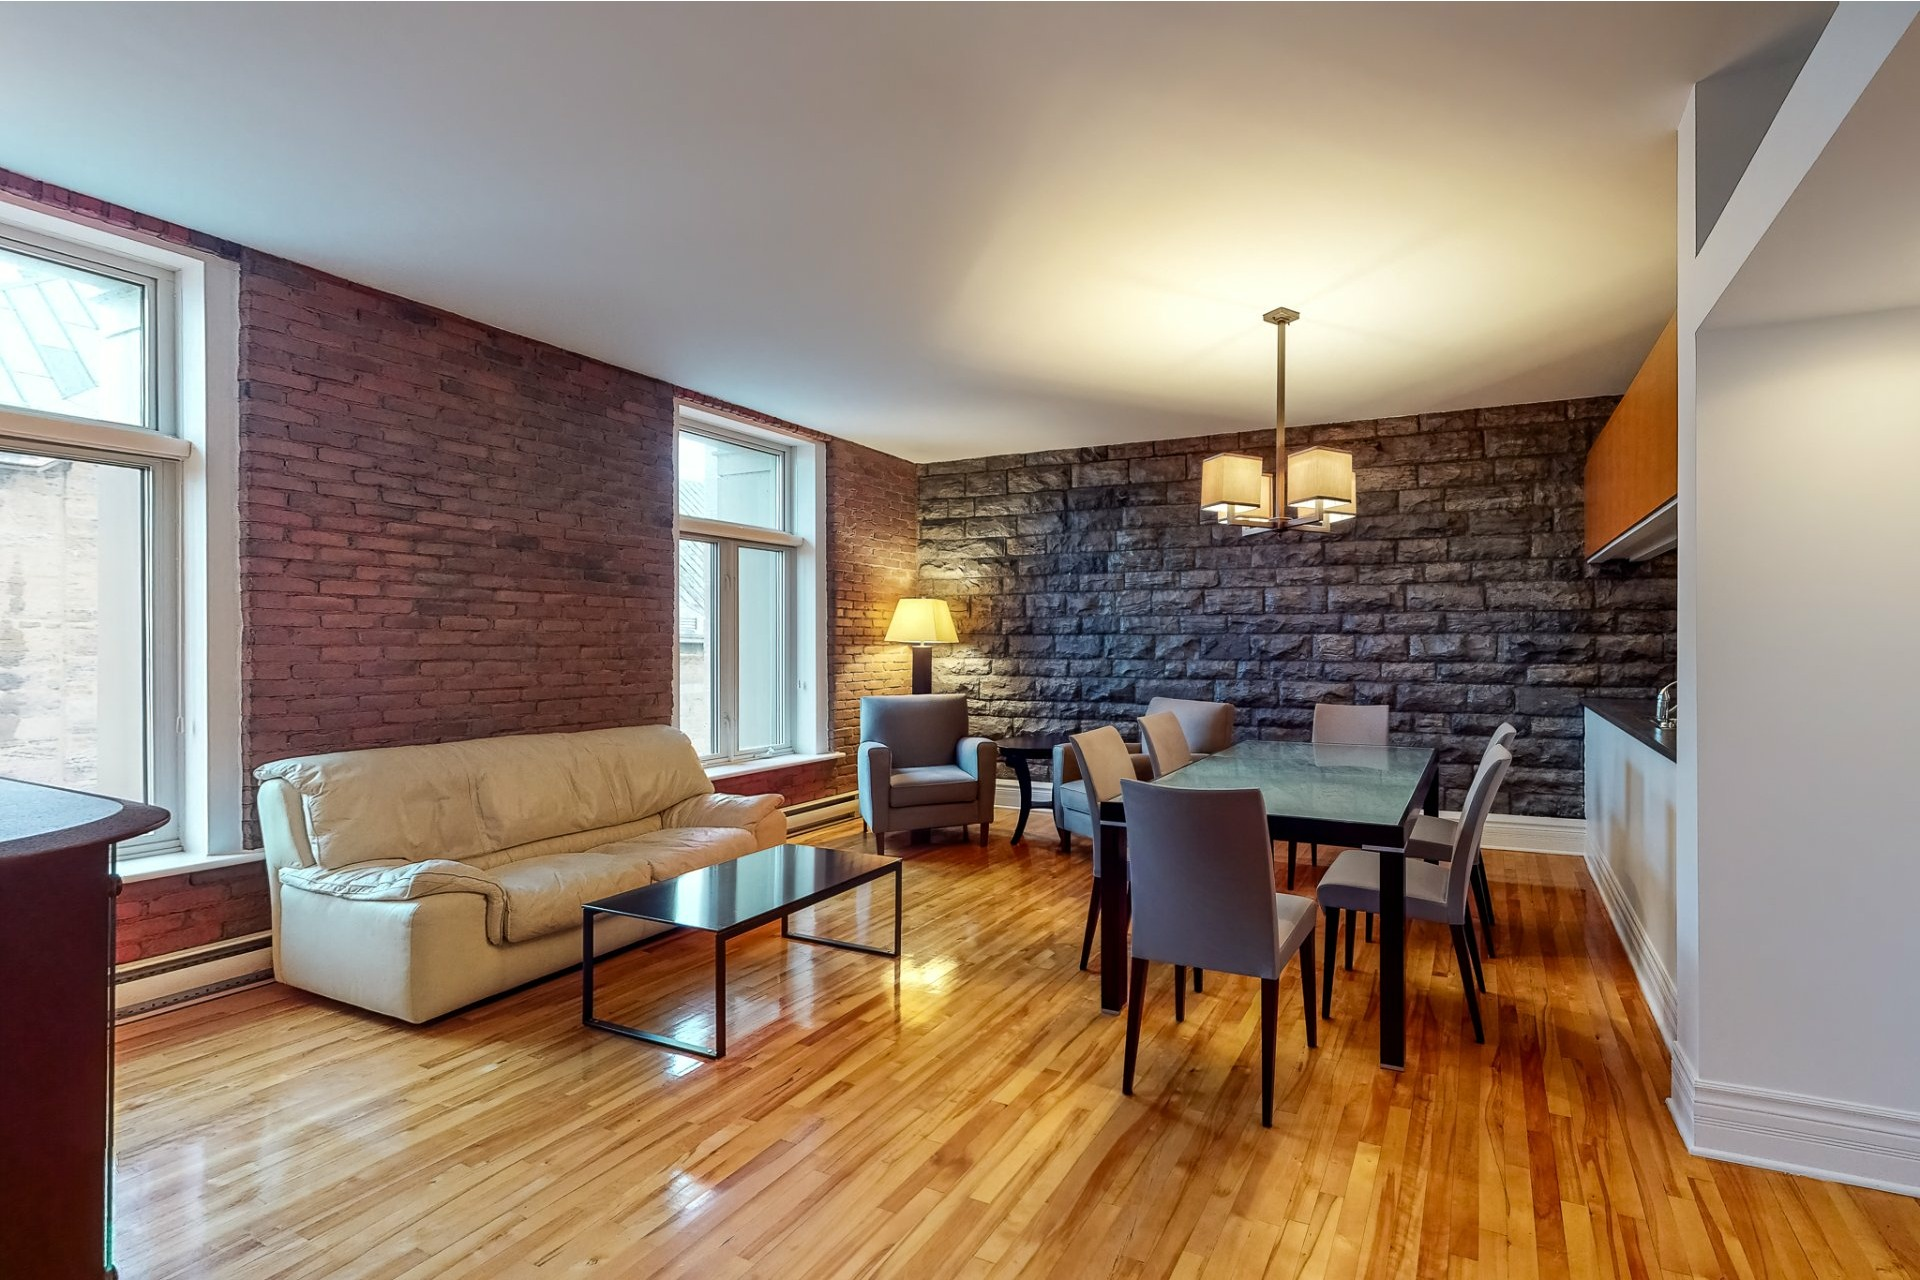 image 4 - Appartement À louer Le Plateau-Mont-Royal Montréal  - 5 pièces